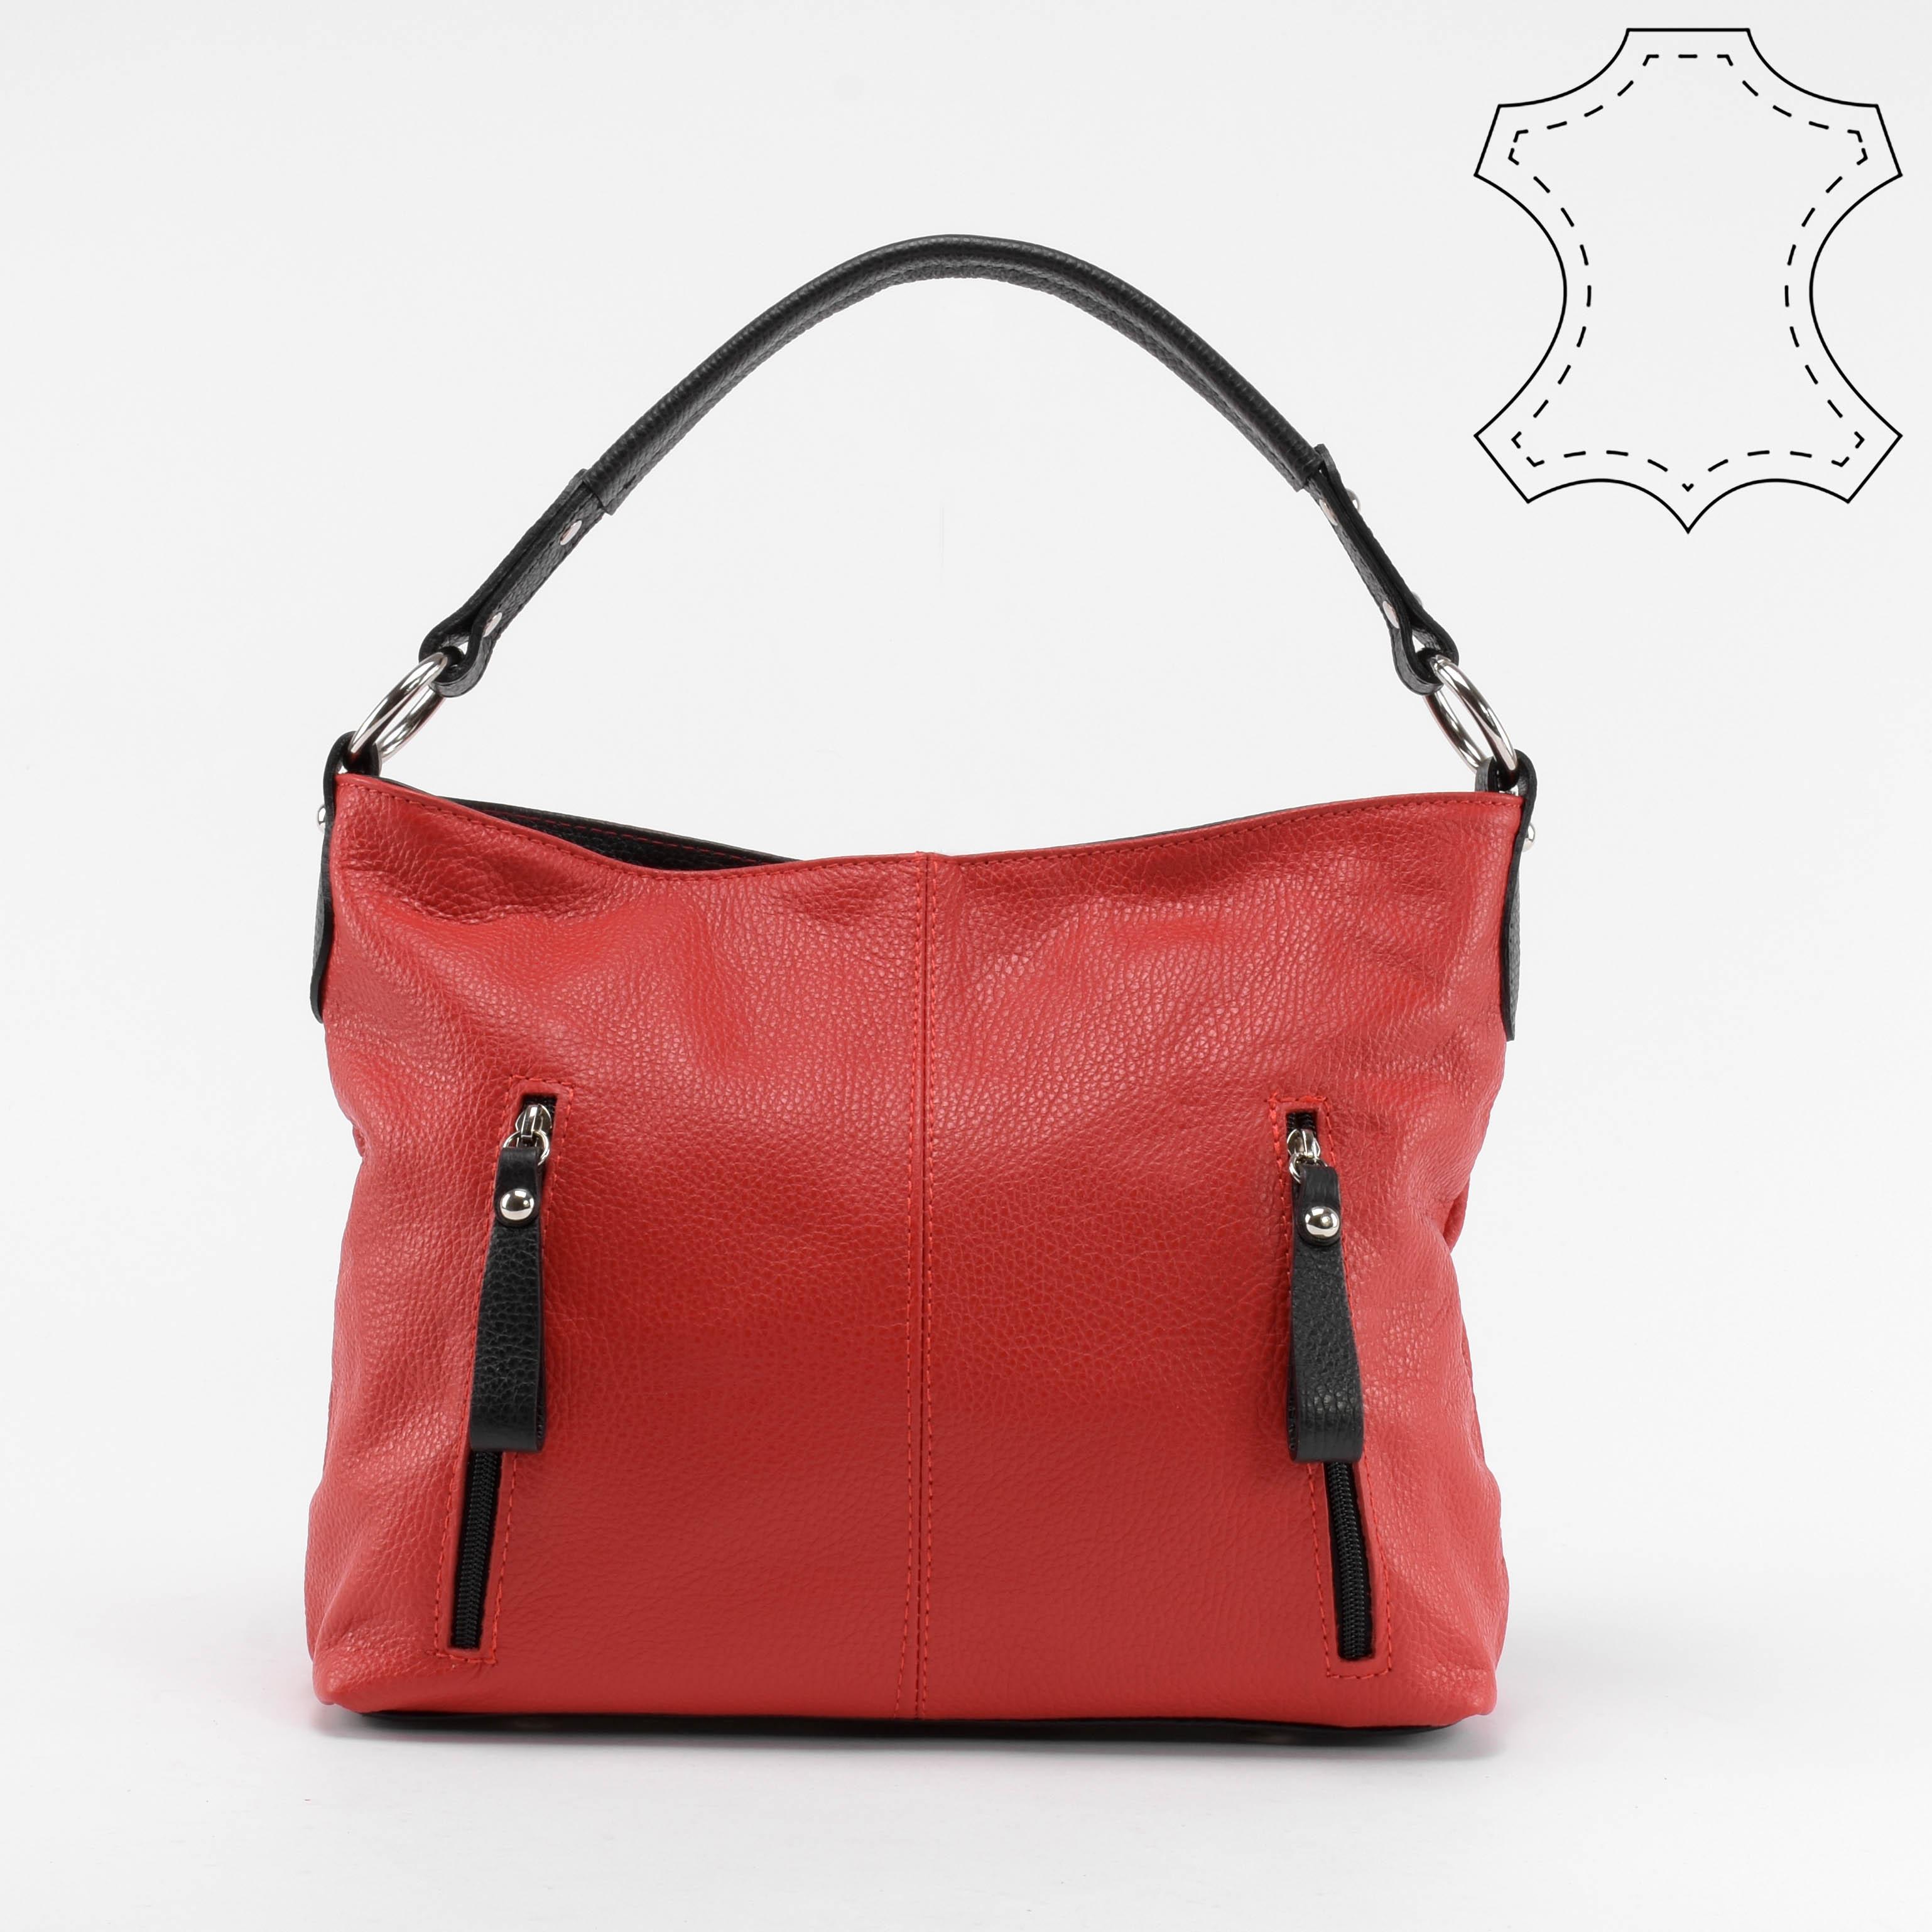 Női Piros Valódi Bőr Oldaltáska és Válltáska - Válltáskák - Táska webáruház  - Minőségi táskák mindenkinek 545b4b5318